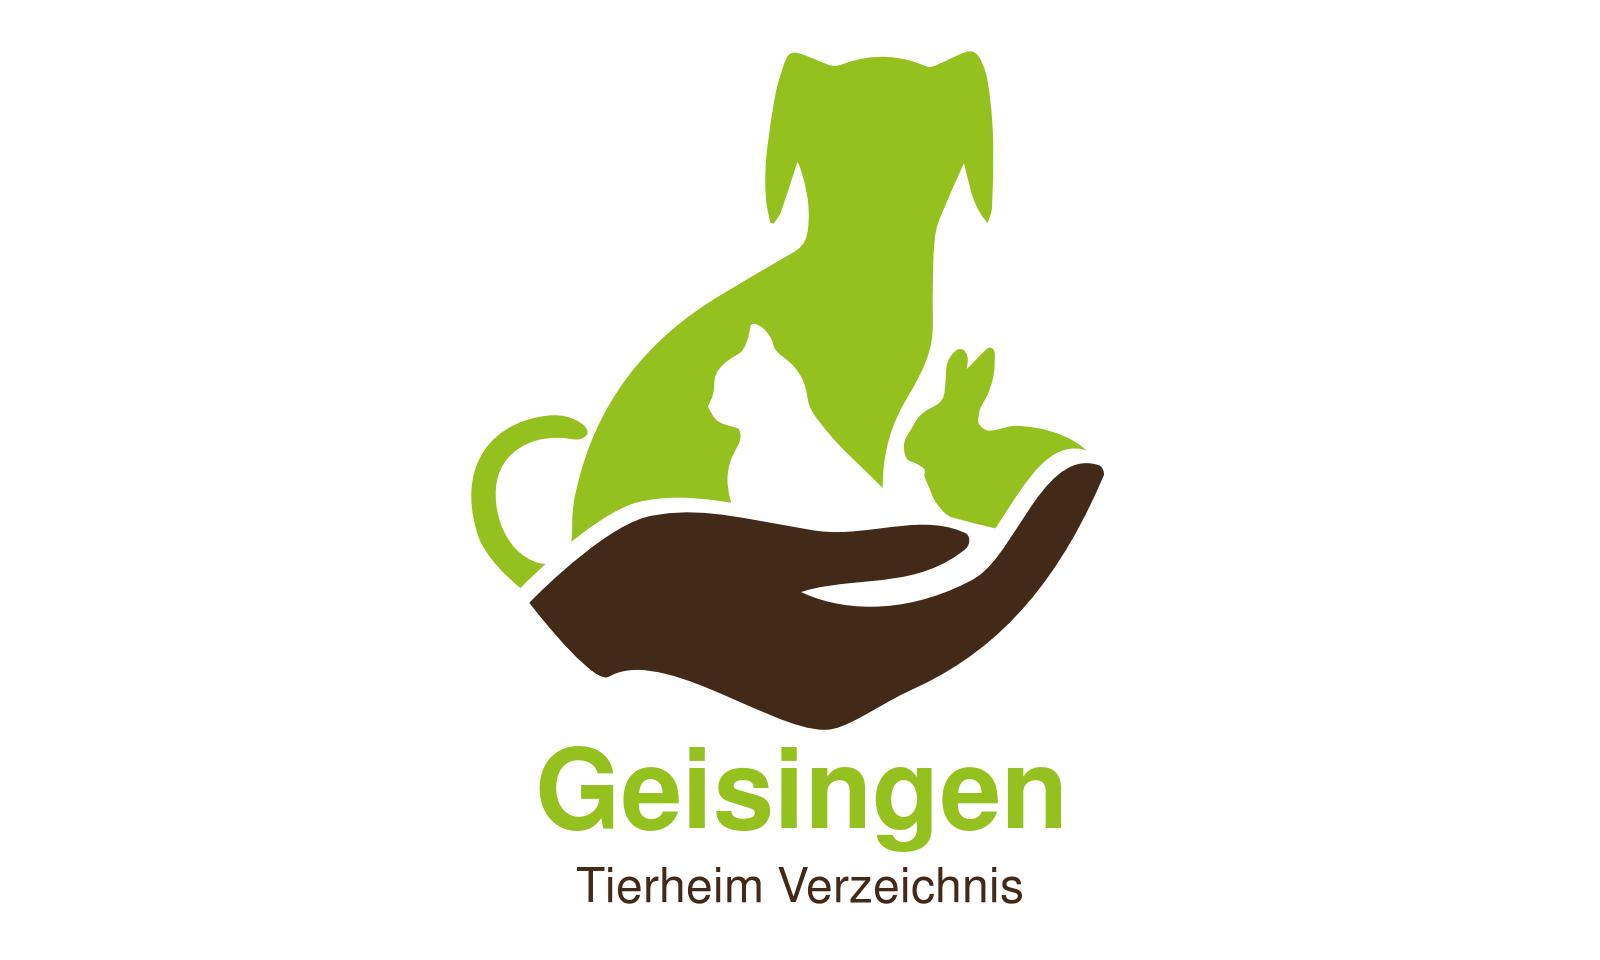 Tierheim Geisingen